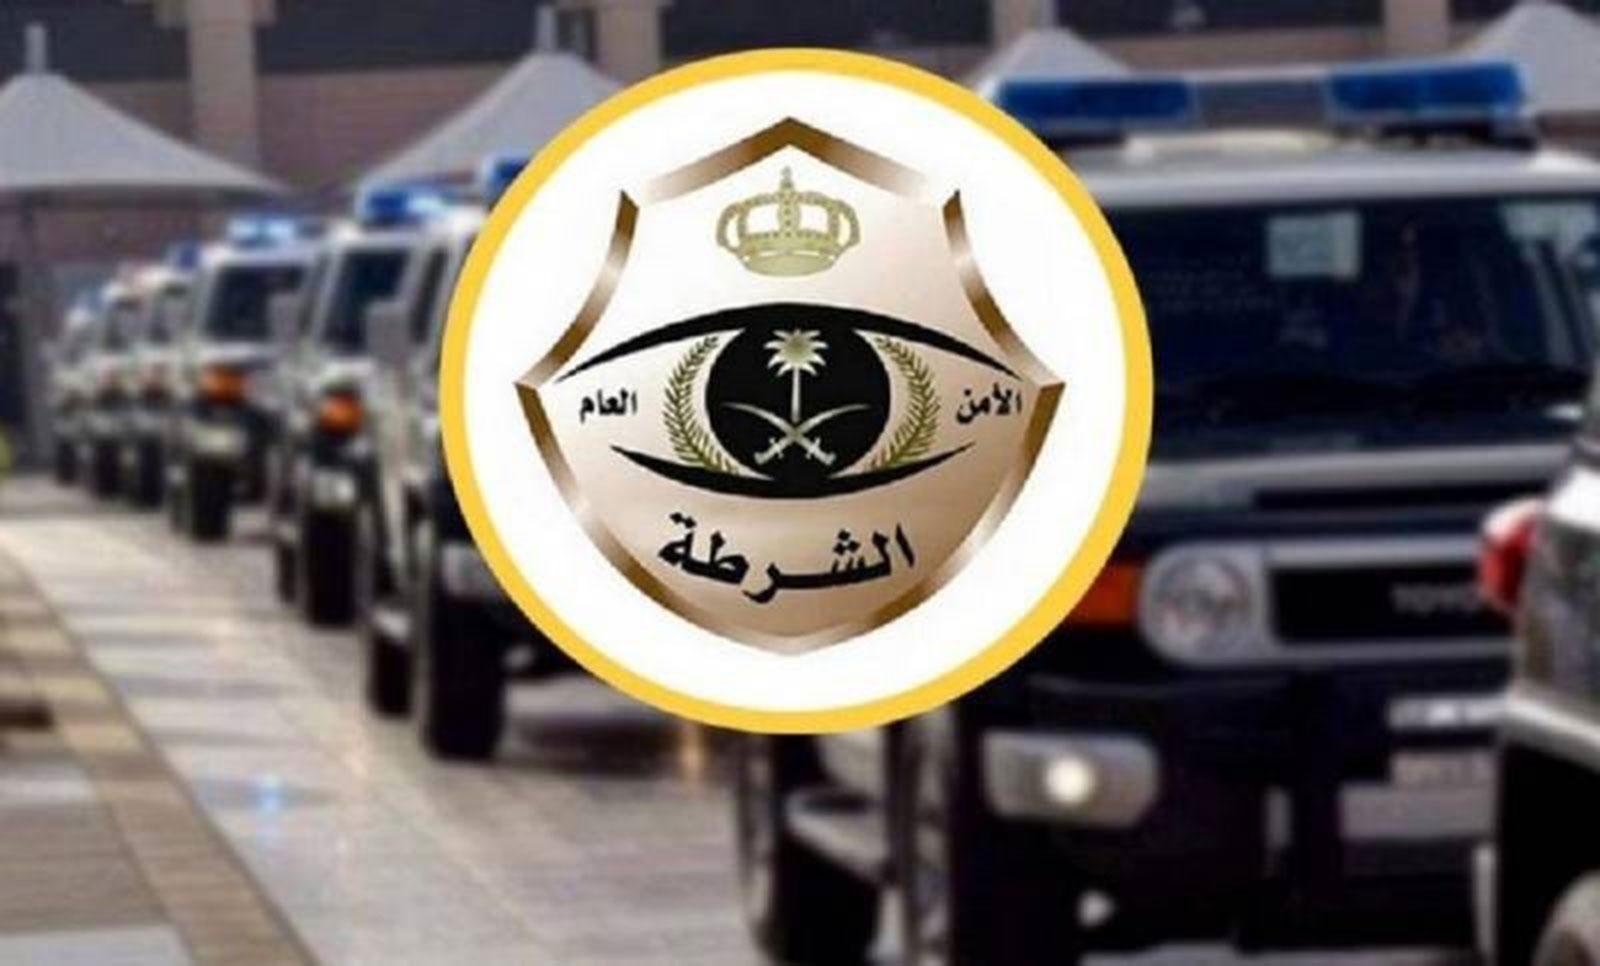 السعودية تقبض على 16 شخصاً ارتكبوا جرائم نصب واحتيال عبر مواقع التواصل